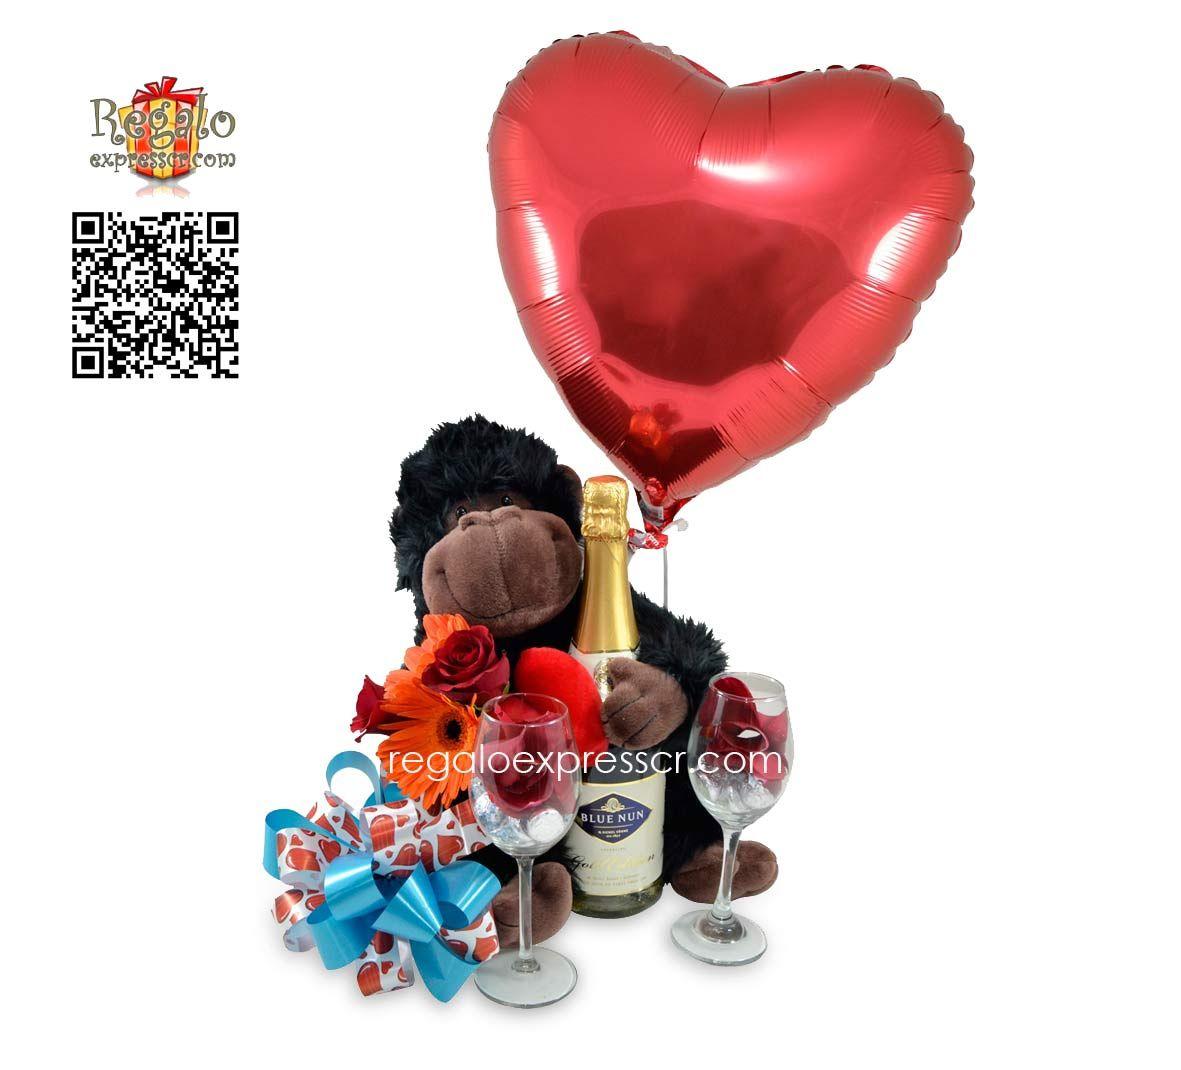 Incluye Gorila De Peluche Marca Russ Arreglo De Flores Primaverales Y Rosas 2 Copas Rellenas De Besitos De Chocolate H With Images Chocolate Bouquet Balloons Valentines